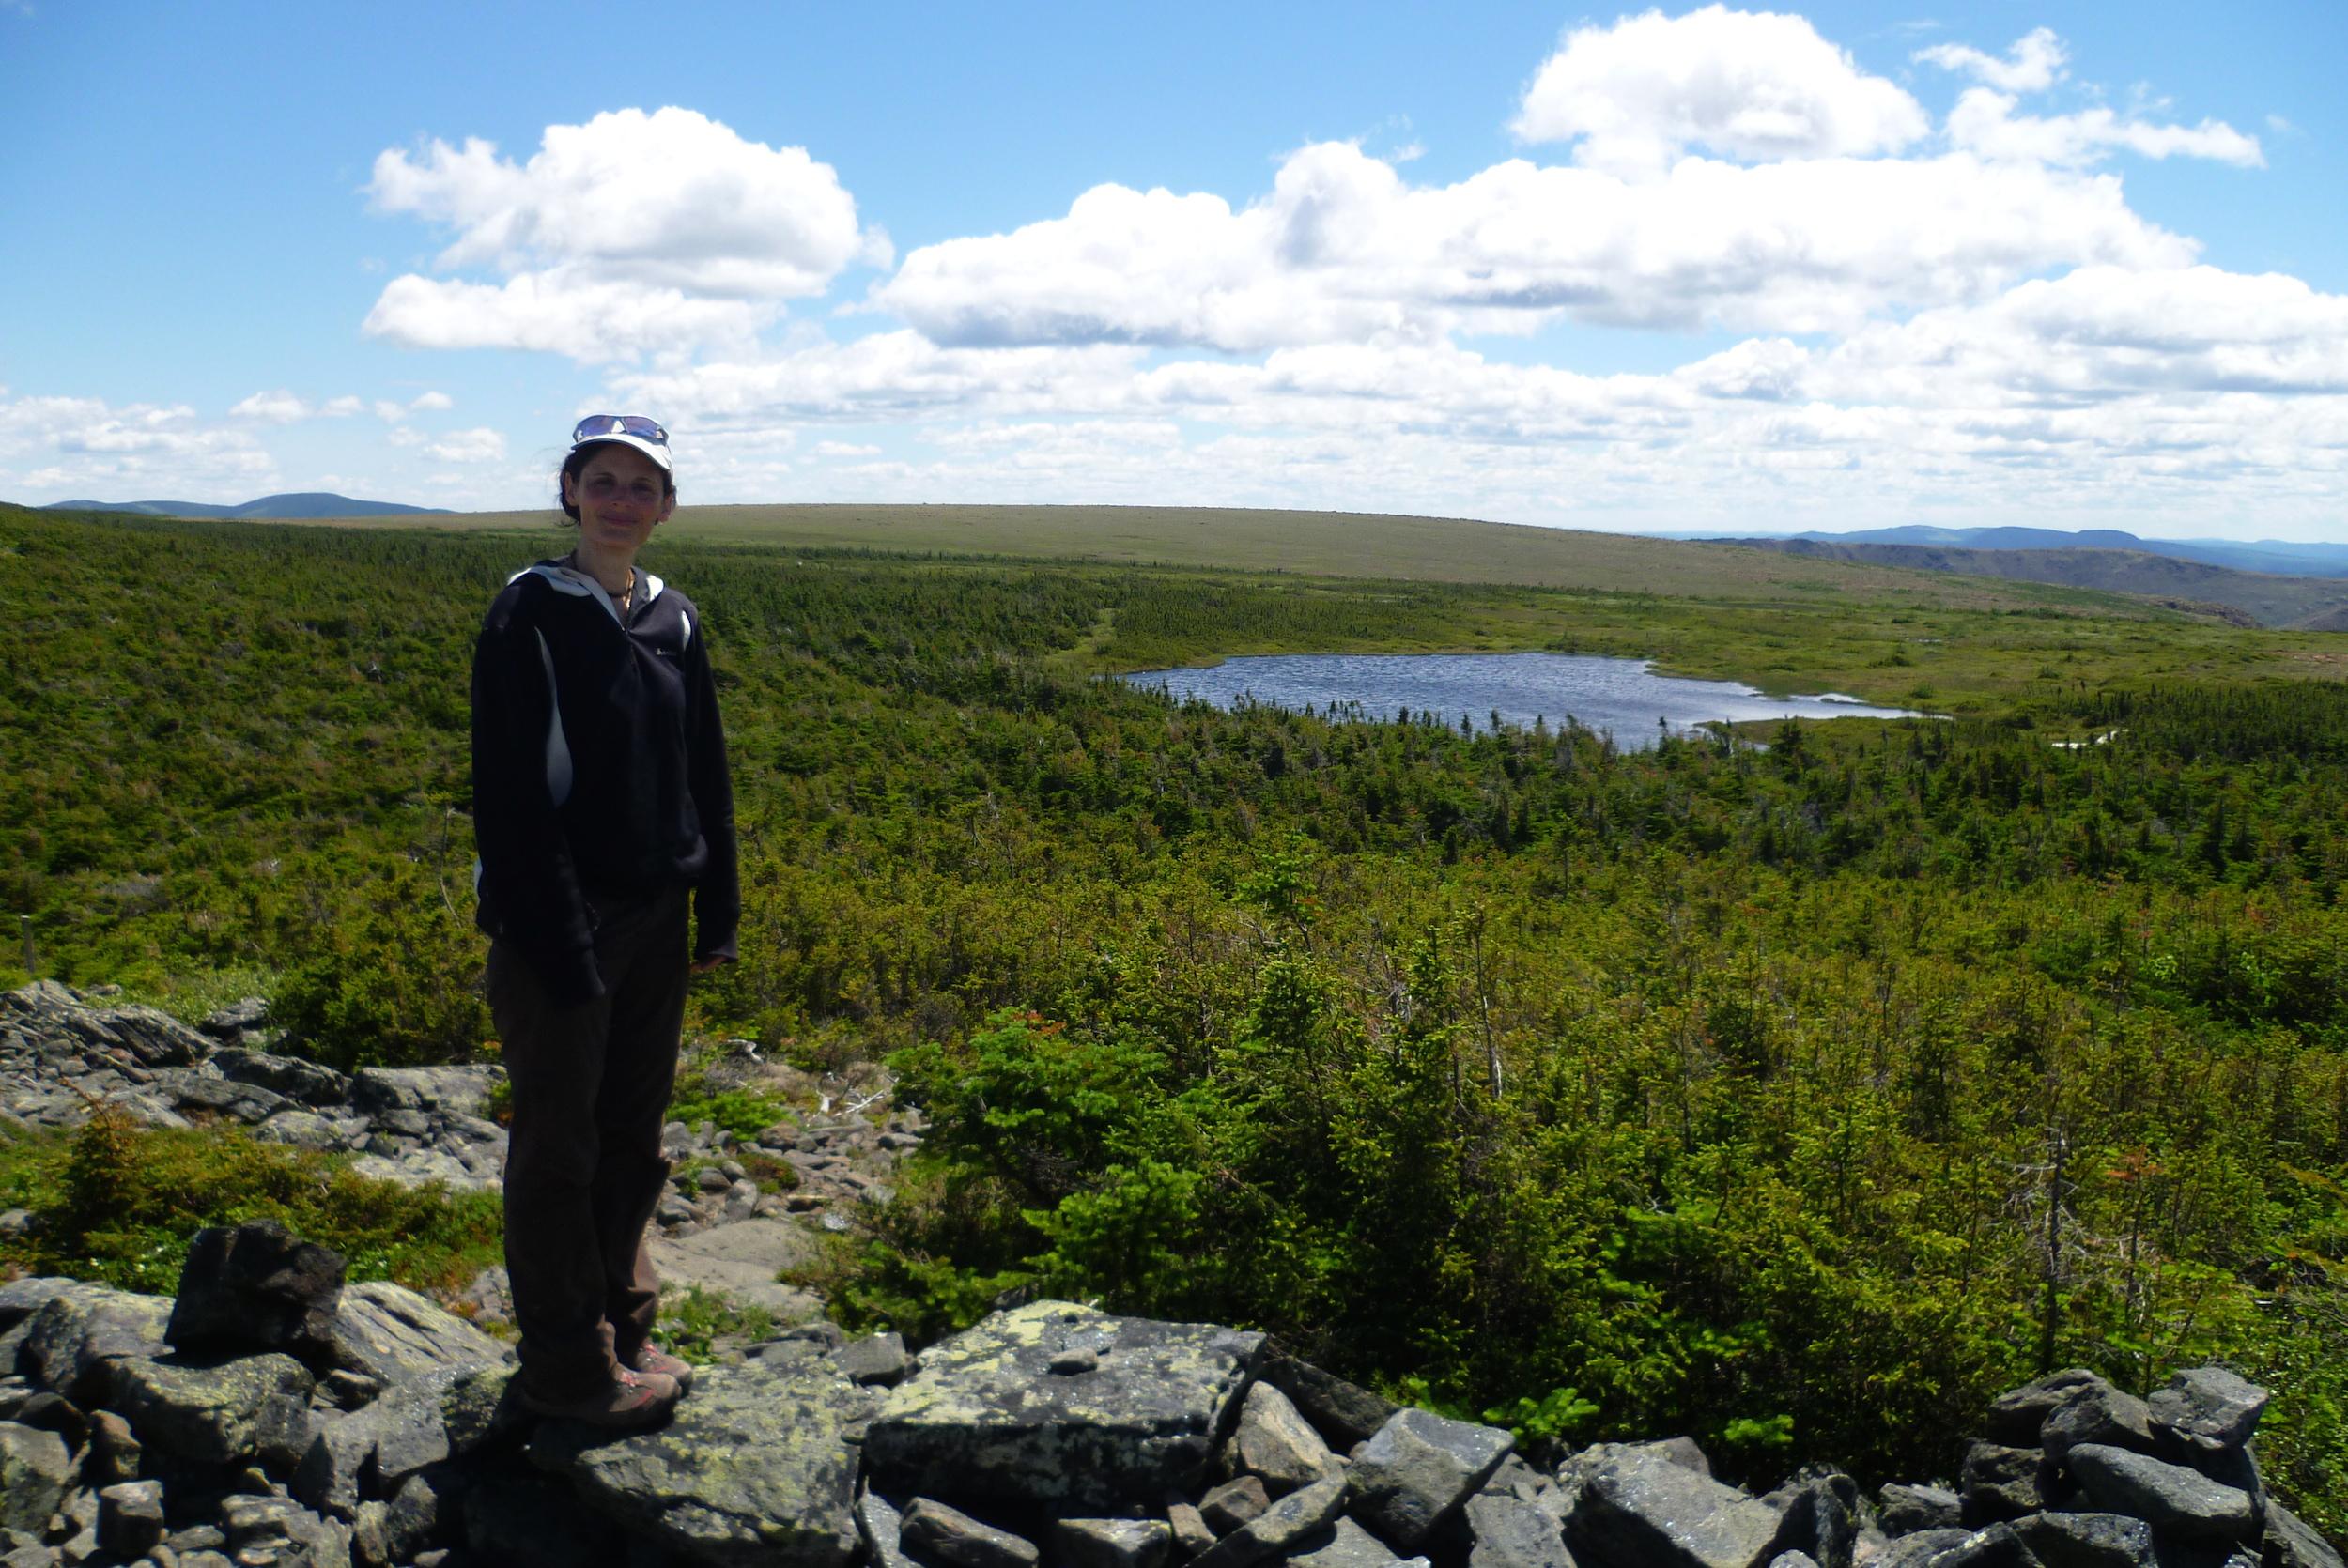 Sommet du Mont Albert - Parc de la Gaspesie - Canada